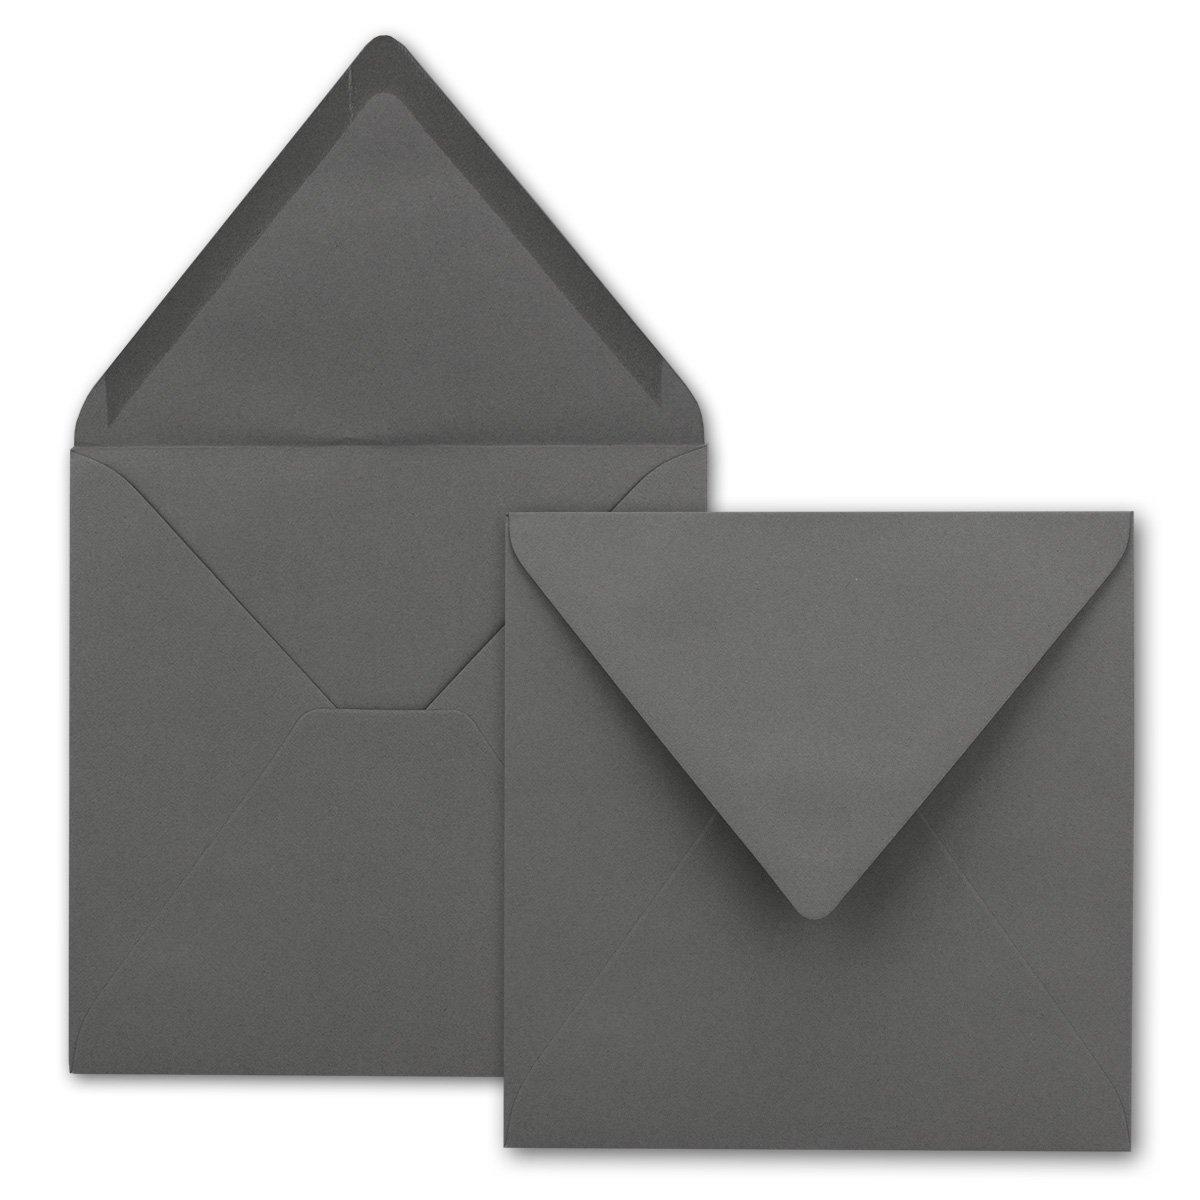 Buste quadrate,/Grafite–Grigio scuro, pesante qualità–molto resistente–110G/M², 158X 158mm, nassklebung, pizzo Patta//AUS der Serie colore froh von neuser. 25 Umschläge grigio scuro /Grafite-Grigio scuro